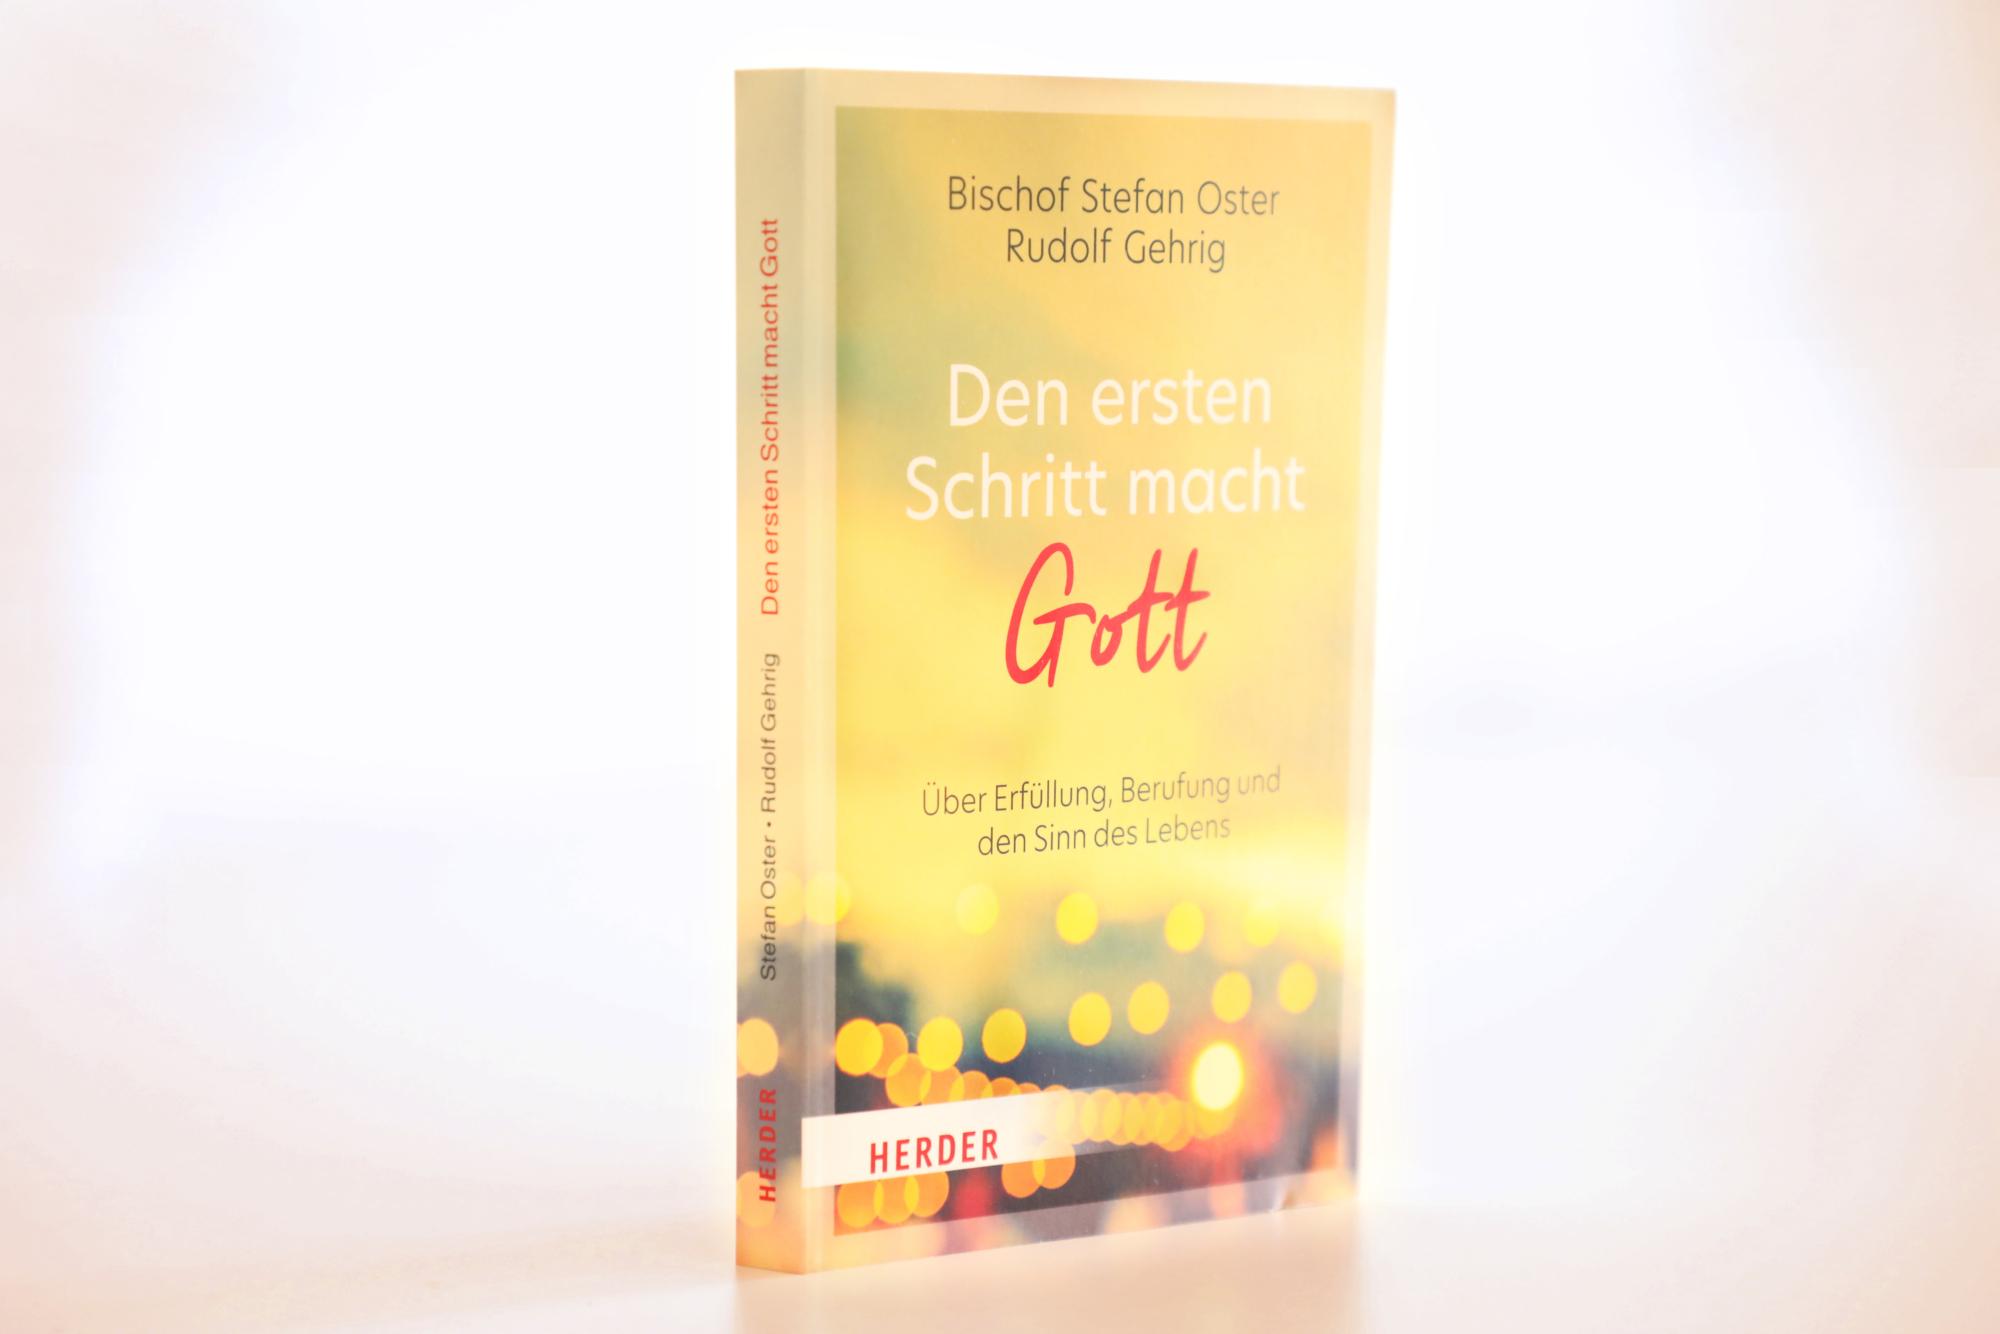 Buch Gott erster Schritt 3 neu2